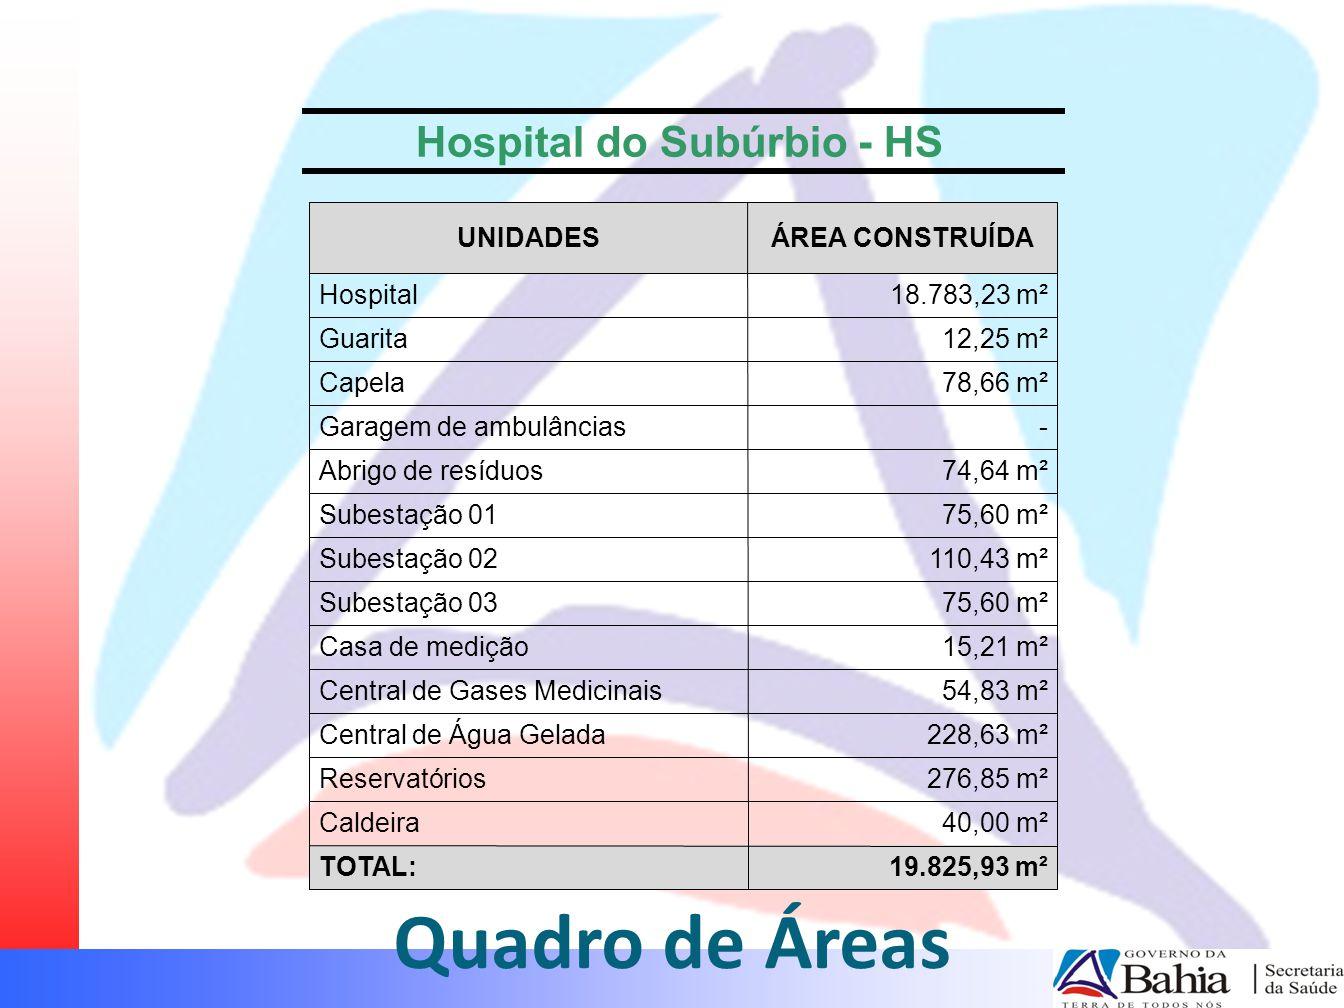 Quadro de Áreas Hospital do Subúrbio - HS 19.825,93 m²TOTAL: 40,00 m²Caldeira 276,85 m²Reservatórios 228,63 m²Central de Água Gelada 54,83 m²Central d